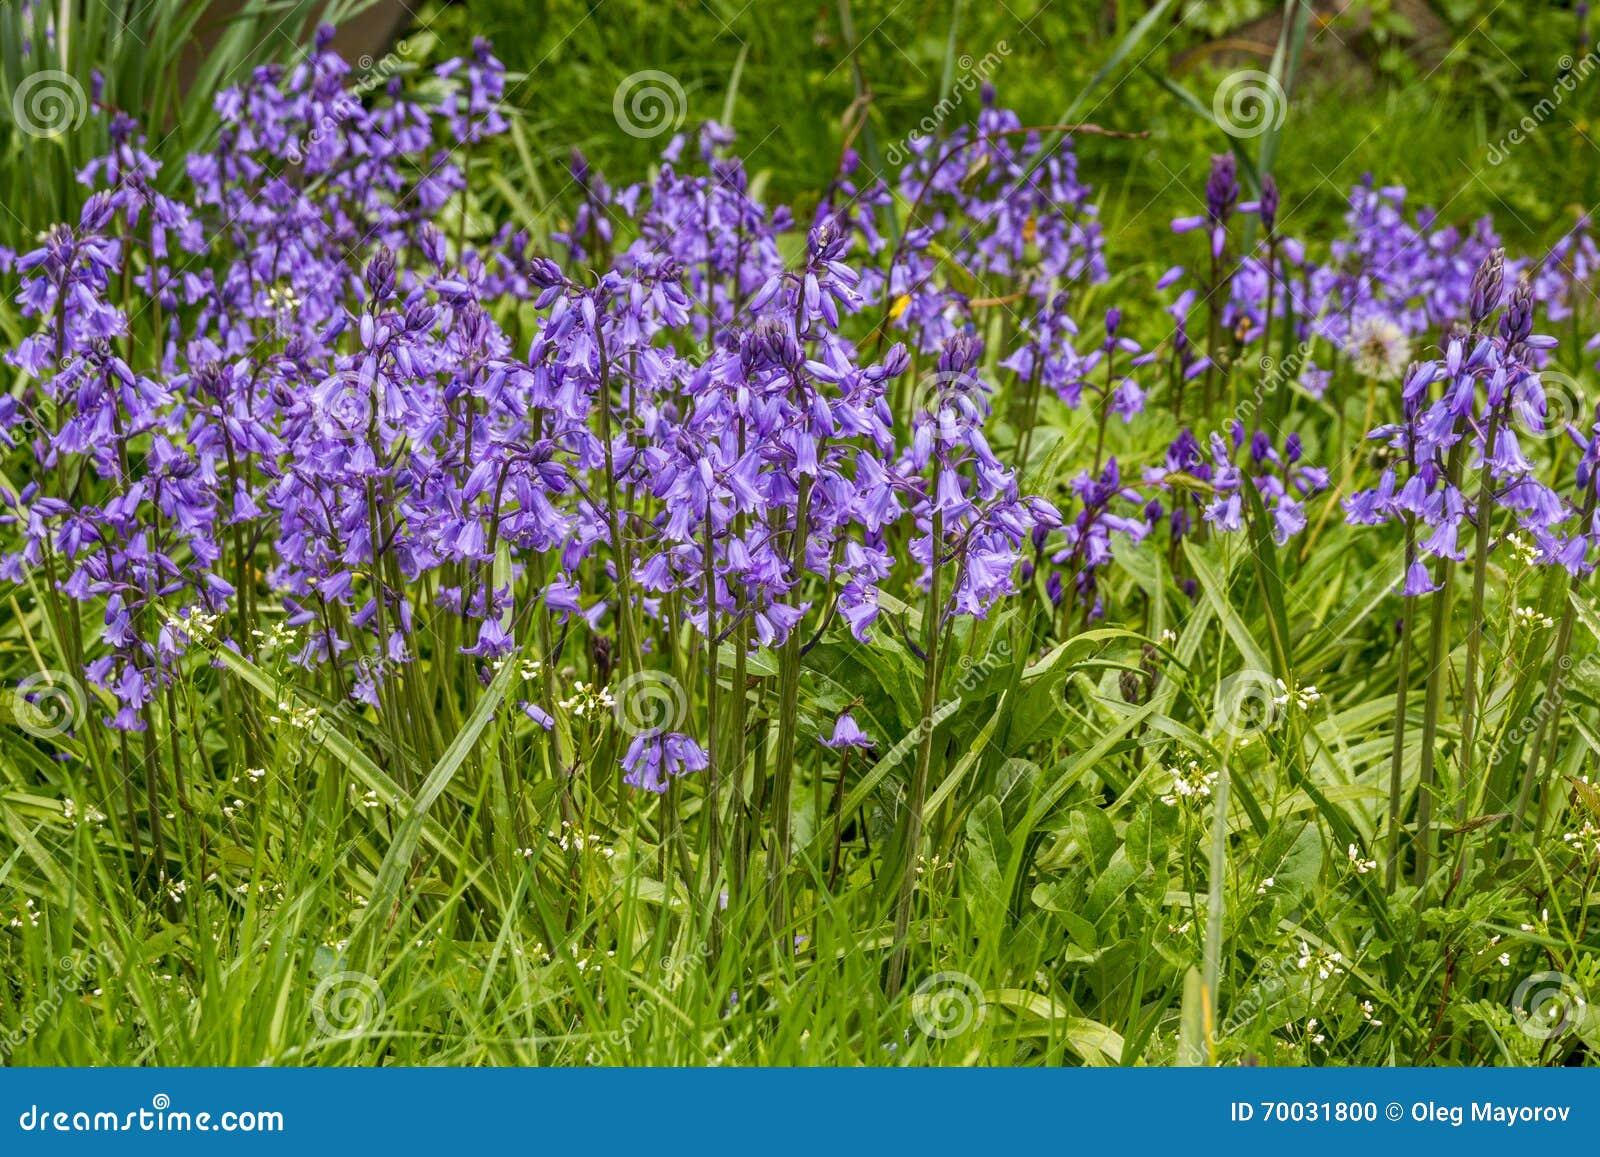 Fleurs bleues fleurissant au printemps jardin photo stock for Fleurs jardin printemps